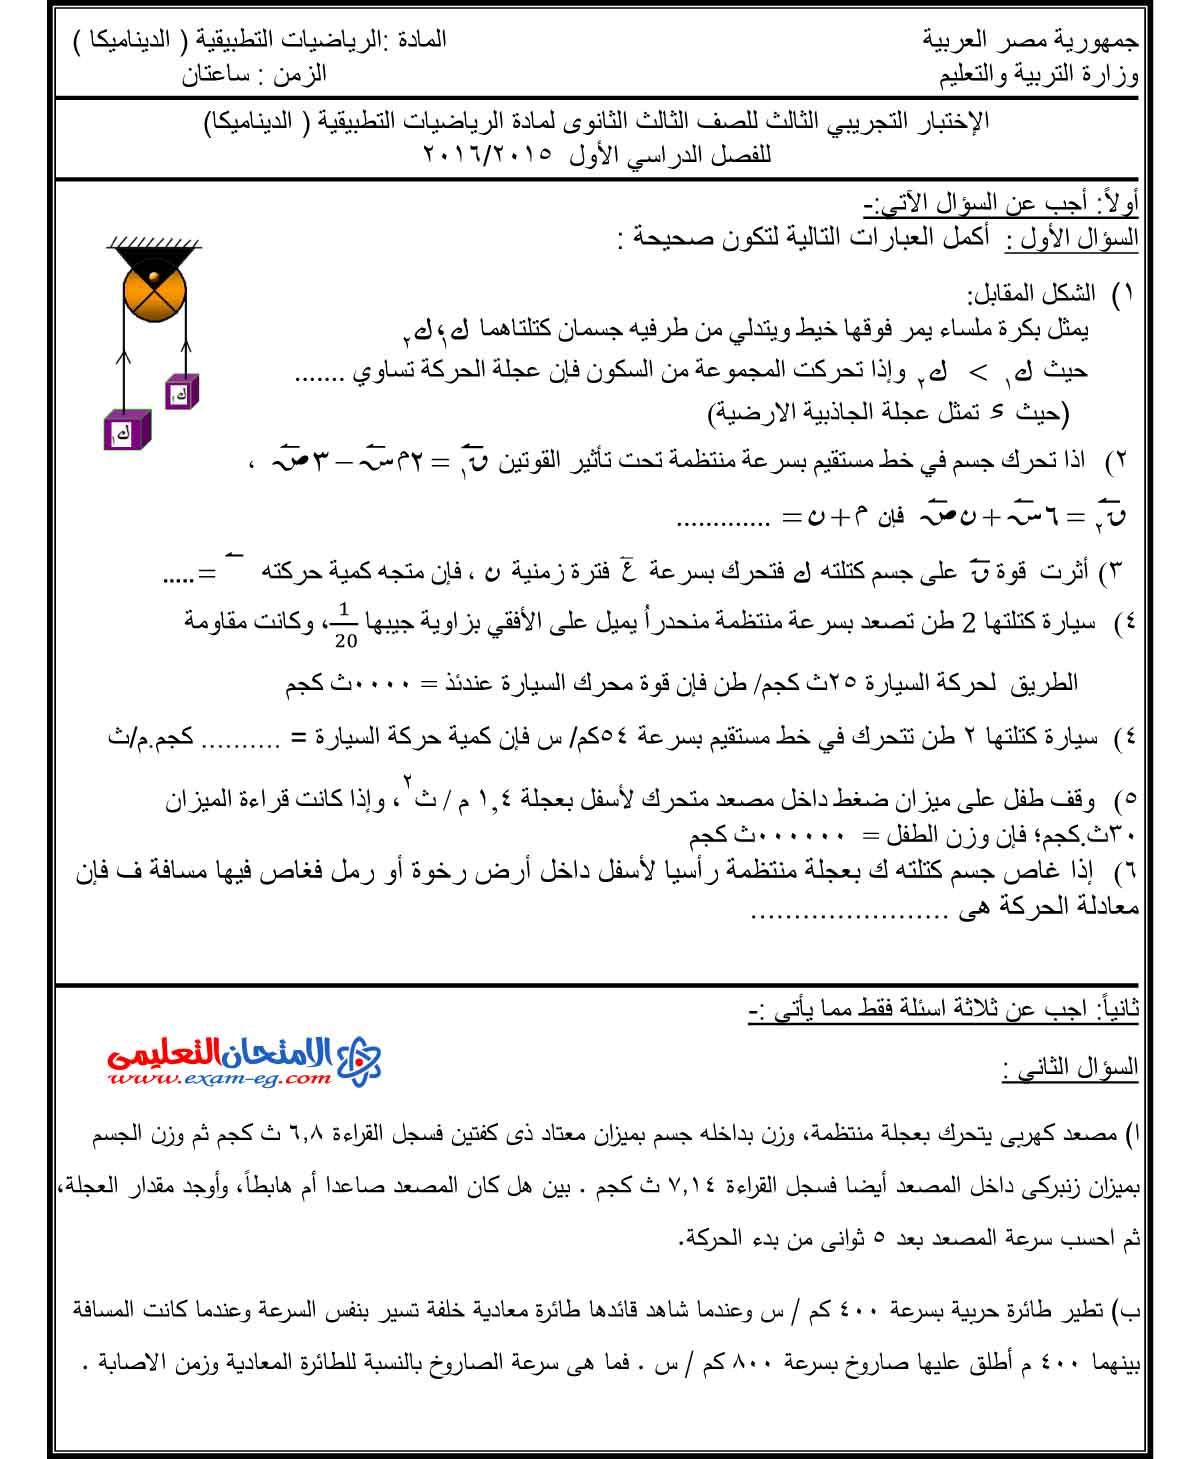 تفاضل وتكامل 3 - الامتحان التعليمى-1